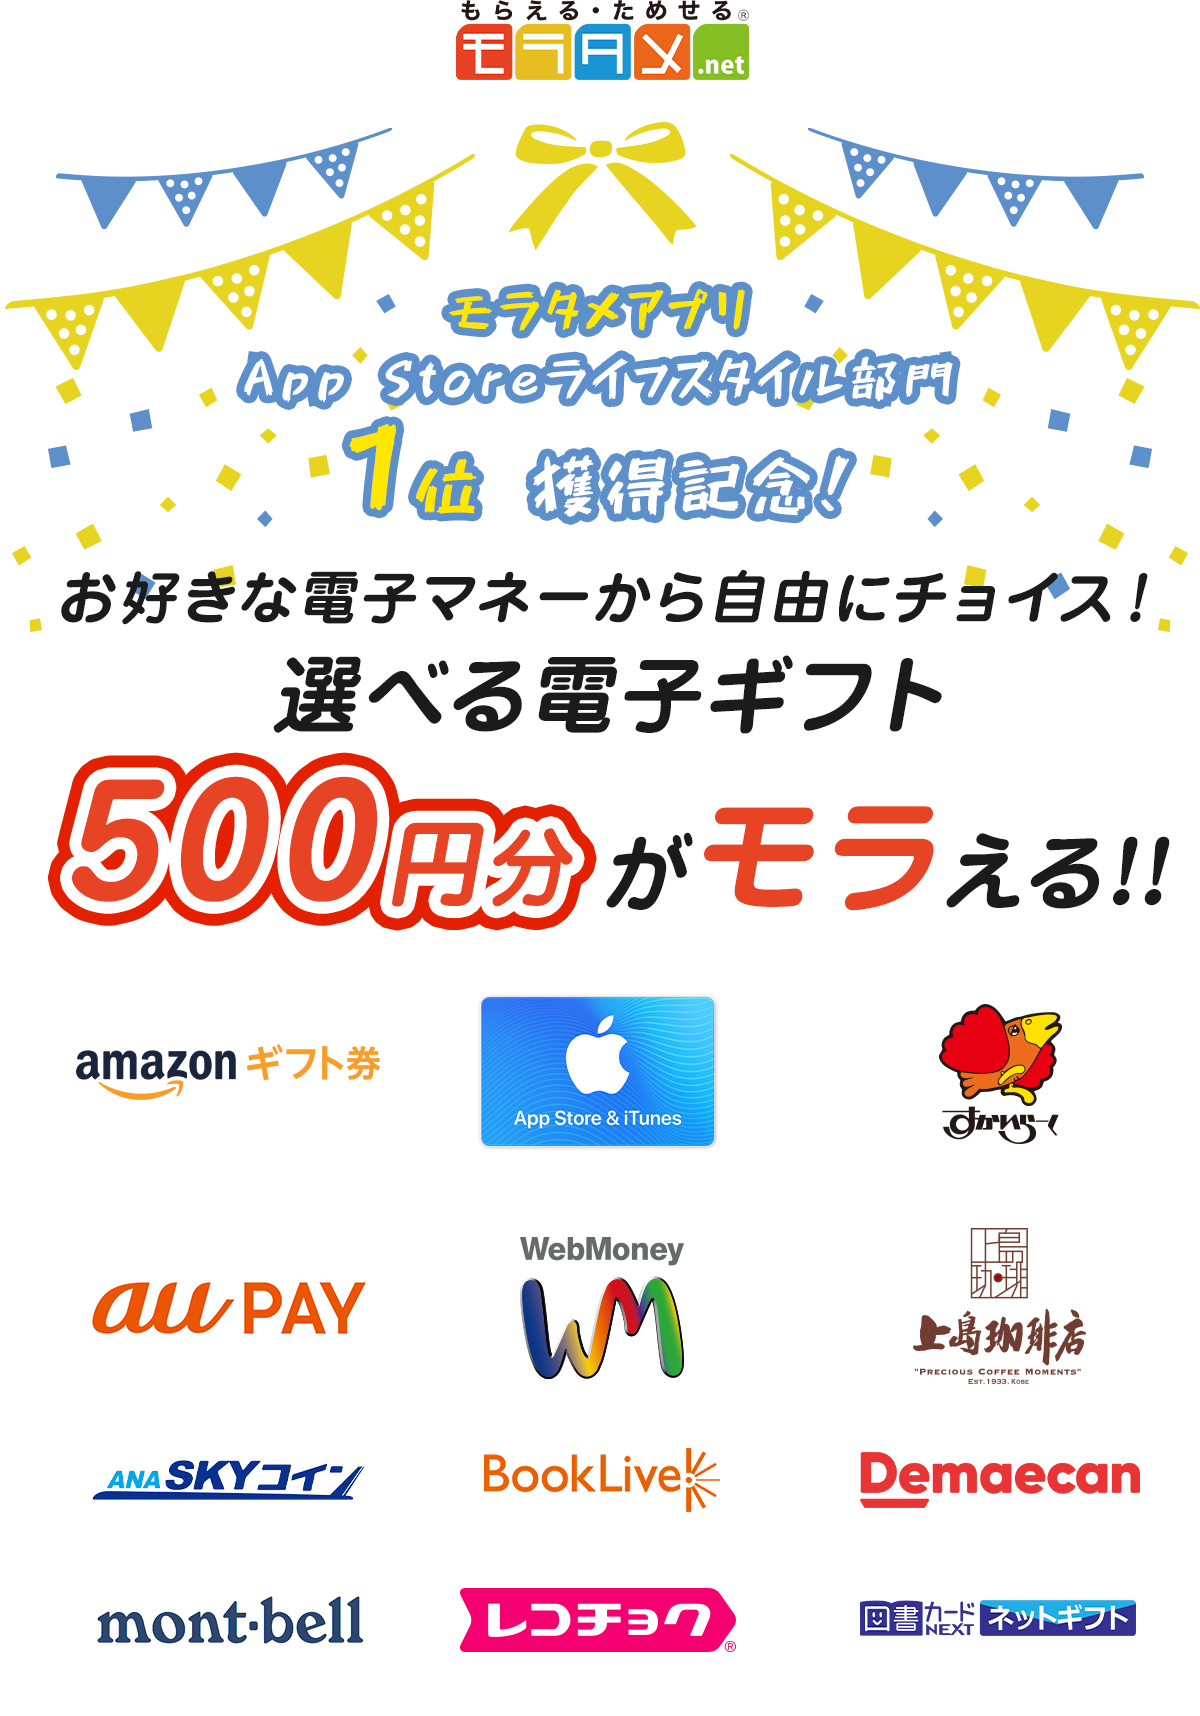 モラタメアプリApp Storeライフスタイル部門1位 獲得記念!お好きな電子マネーから自由にチョイス!選べる電子ギフト500円がモラえる!!